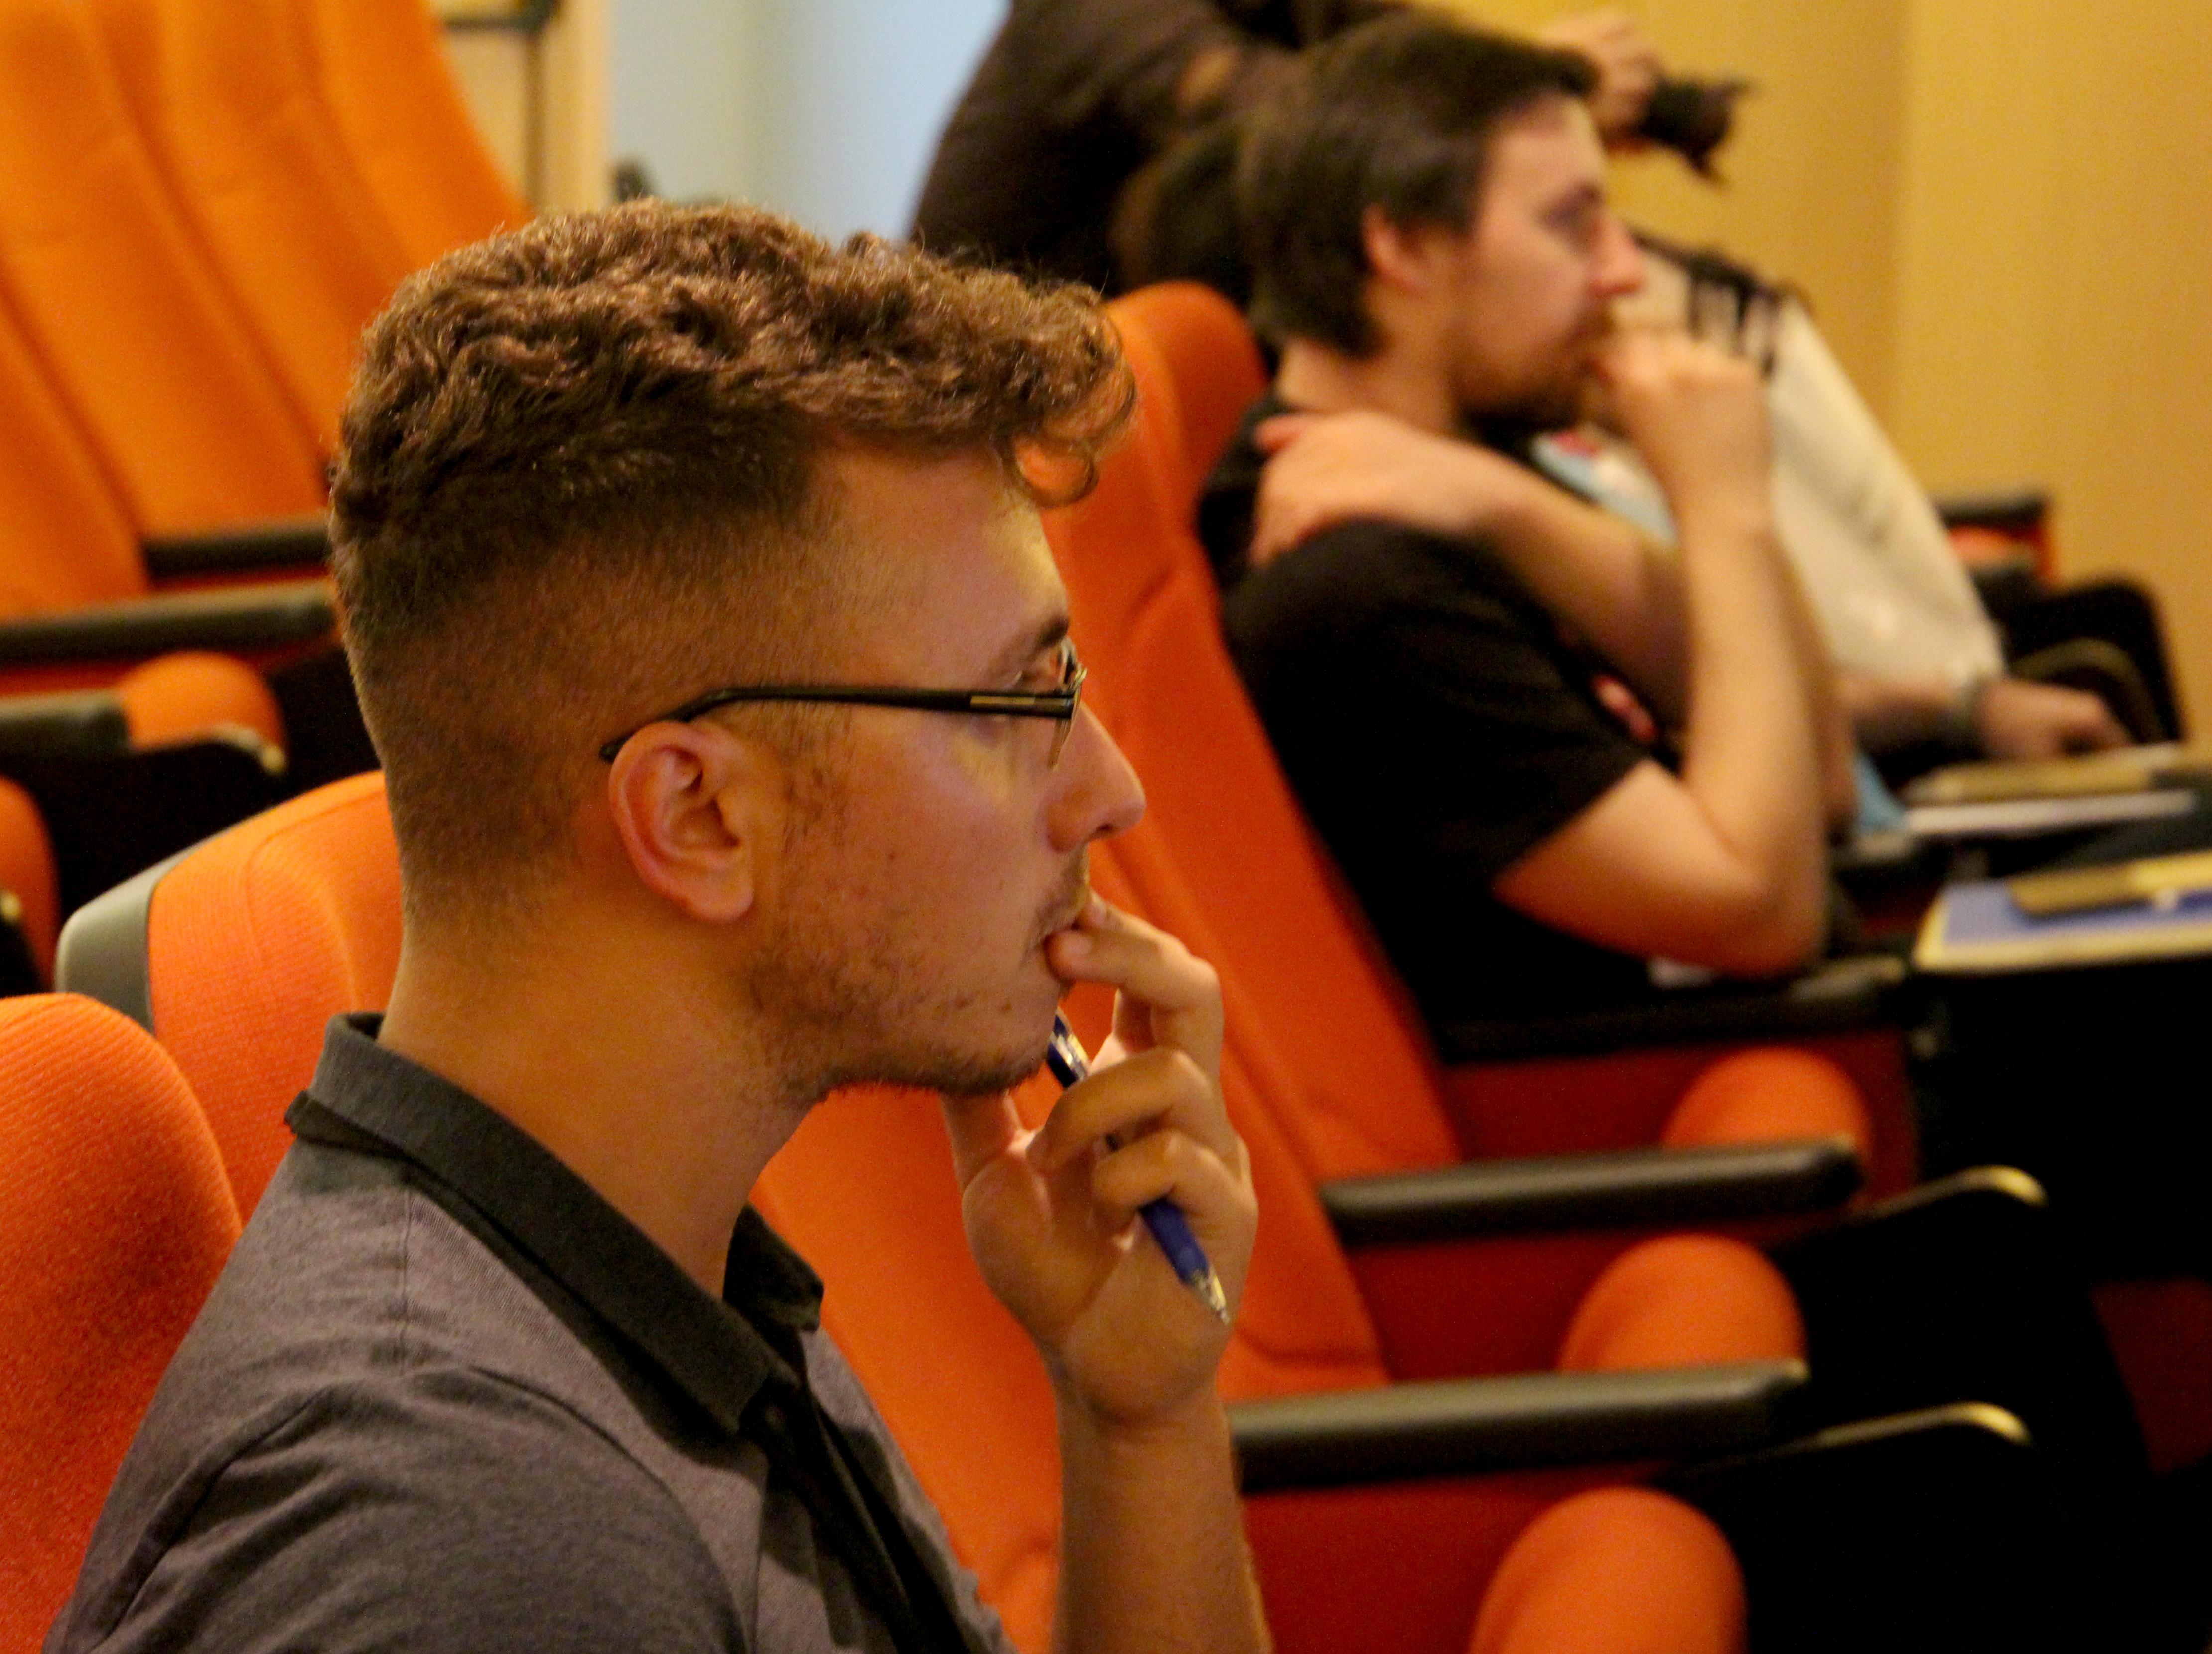 BRISK2 Summer School delegates in session